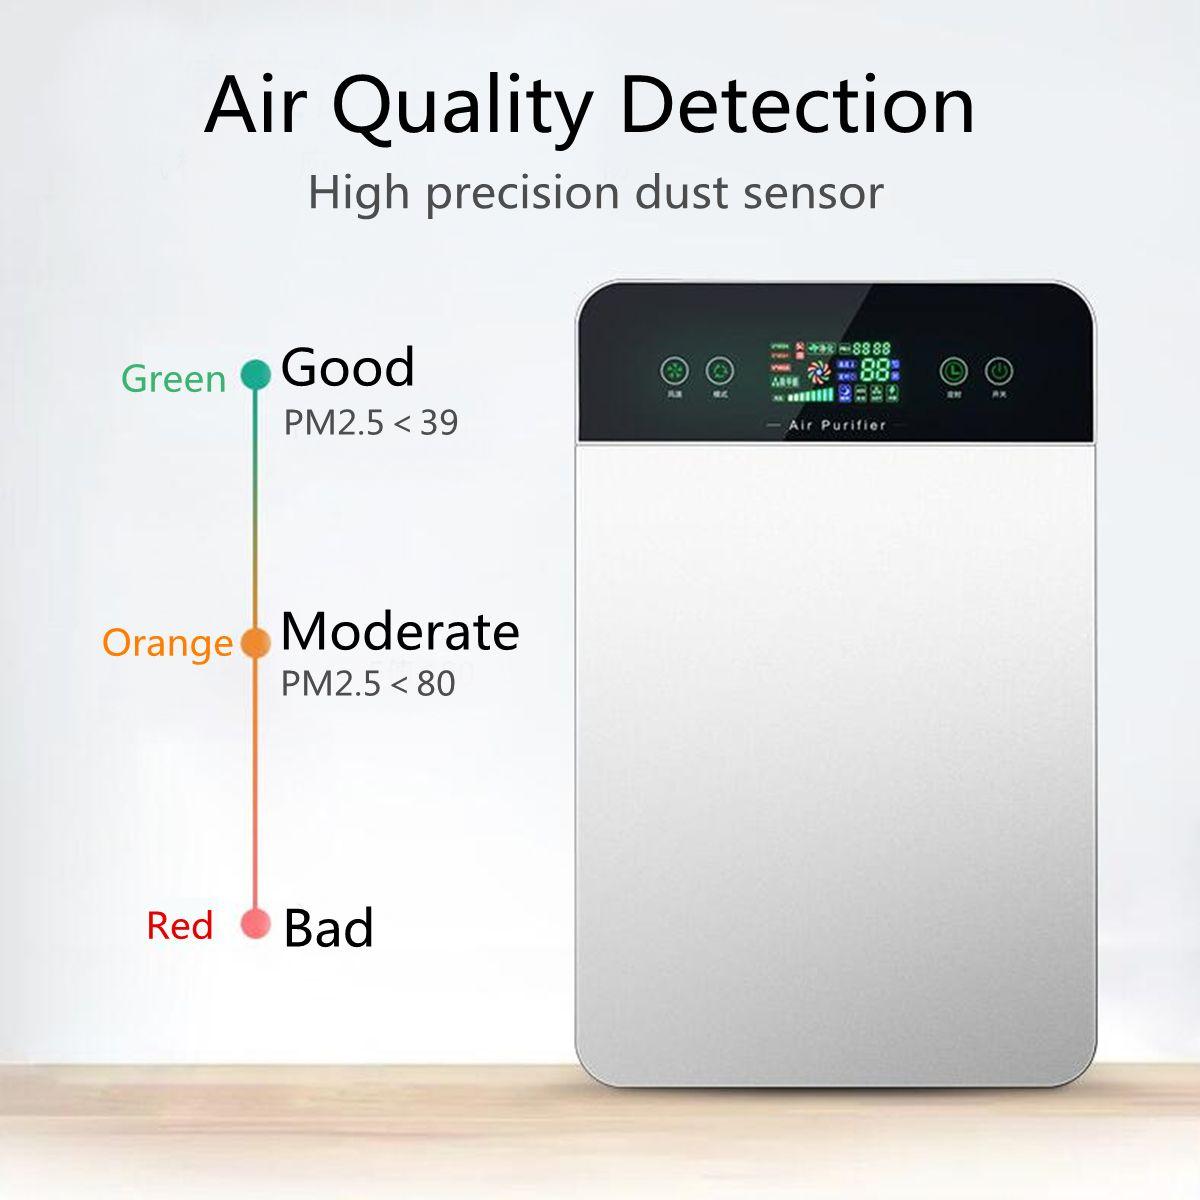 Smart Luftreiniger Elektro Intelligente Reinigen Rauch HCHO Bakterien Luft Trockner Maschine Feuchtigkeit Absorbieren Hause Haushalts Geräte